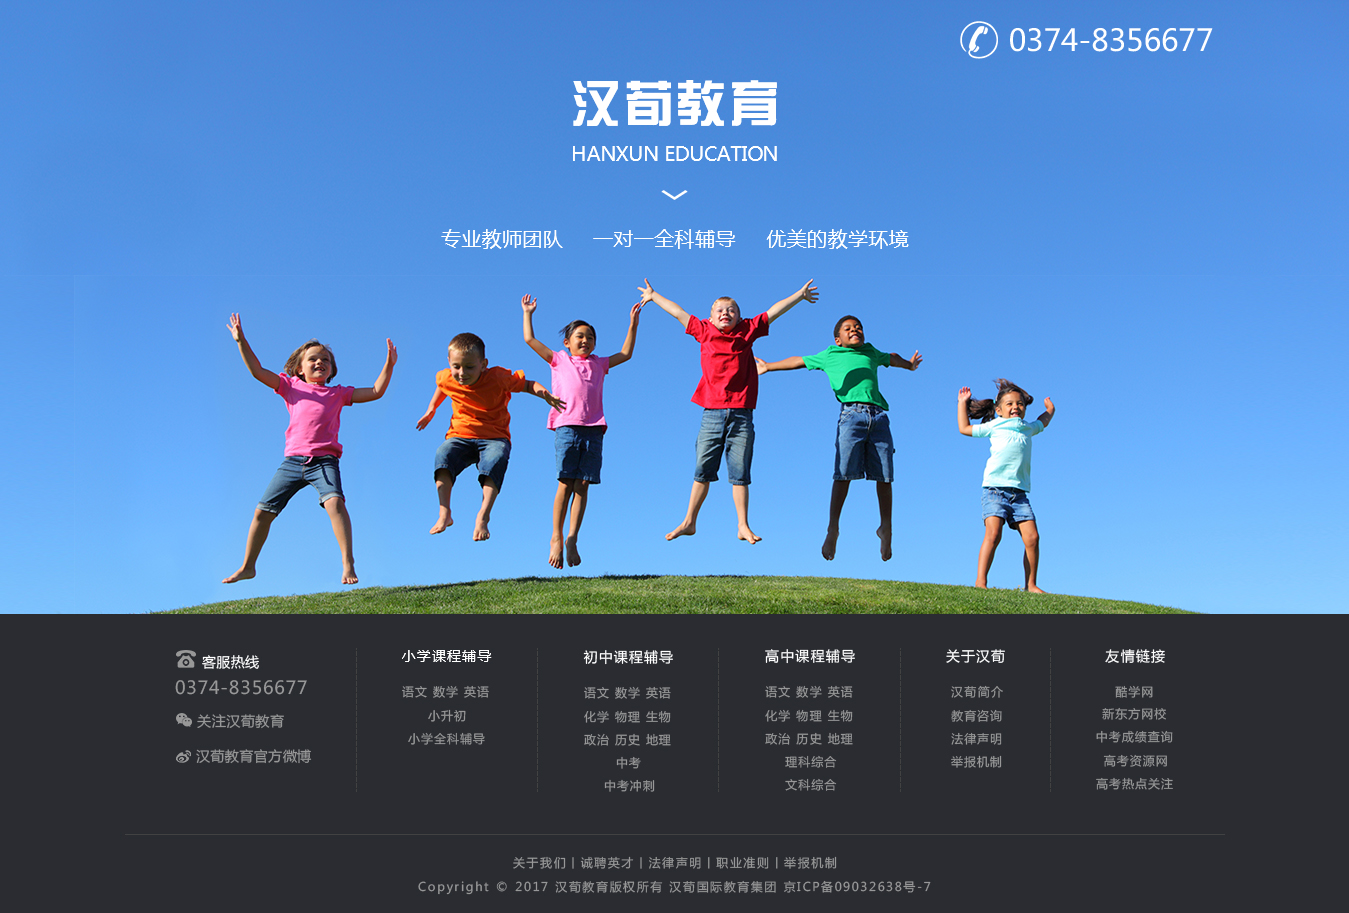 许昌规则文综高中_教师文综教师v规则_北京汉高中高中英语重读图片